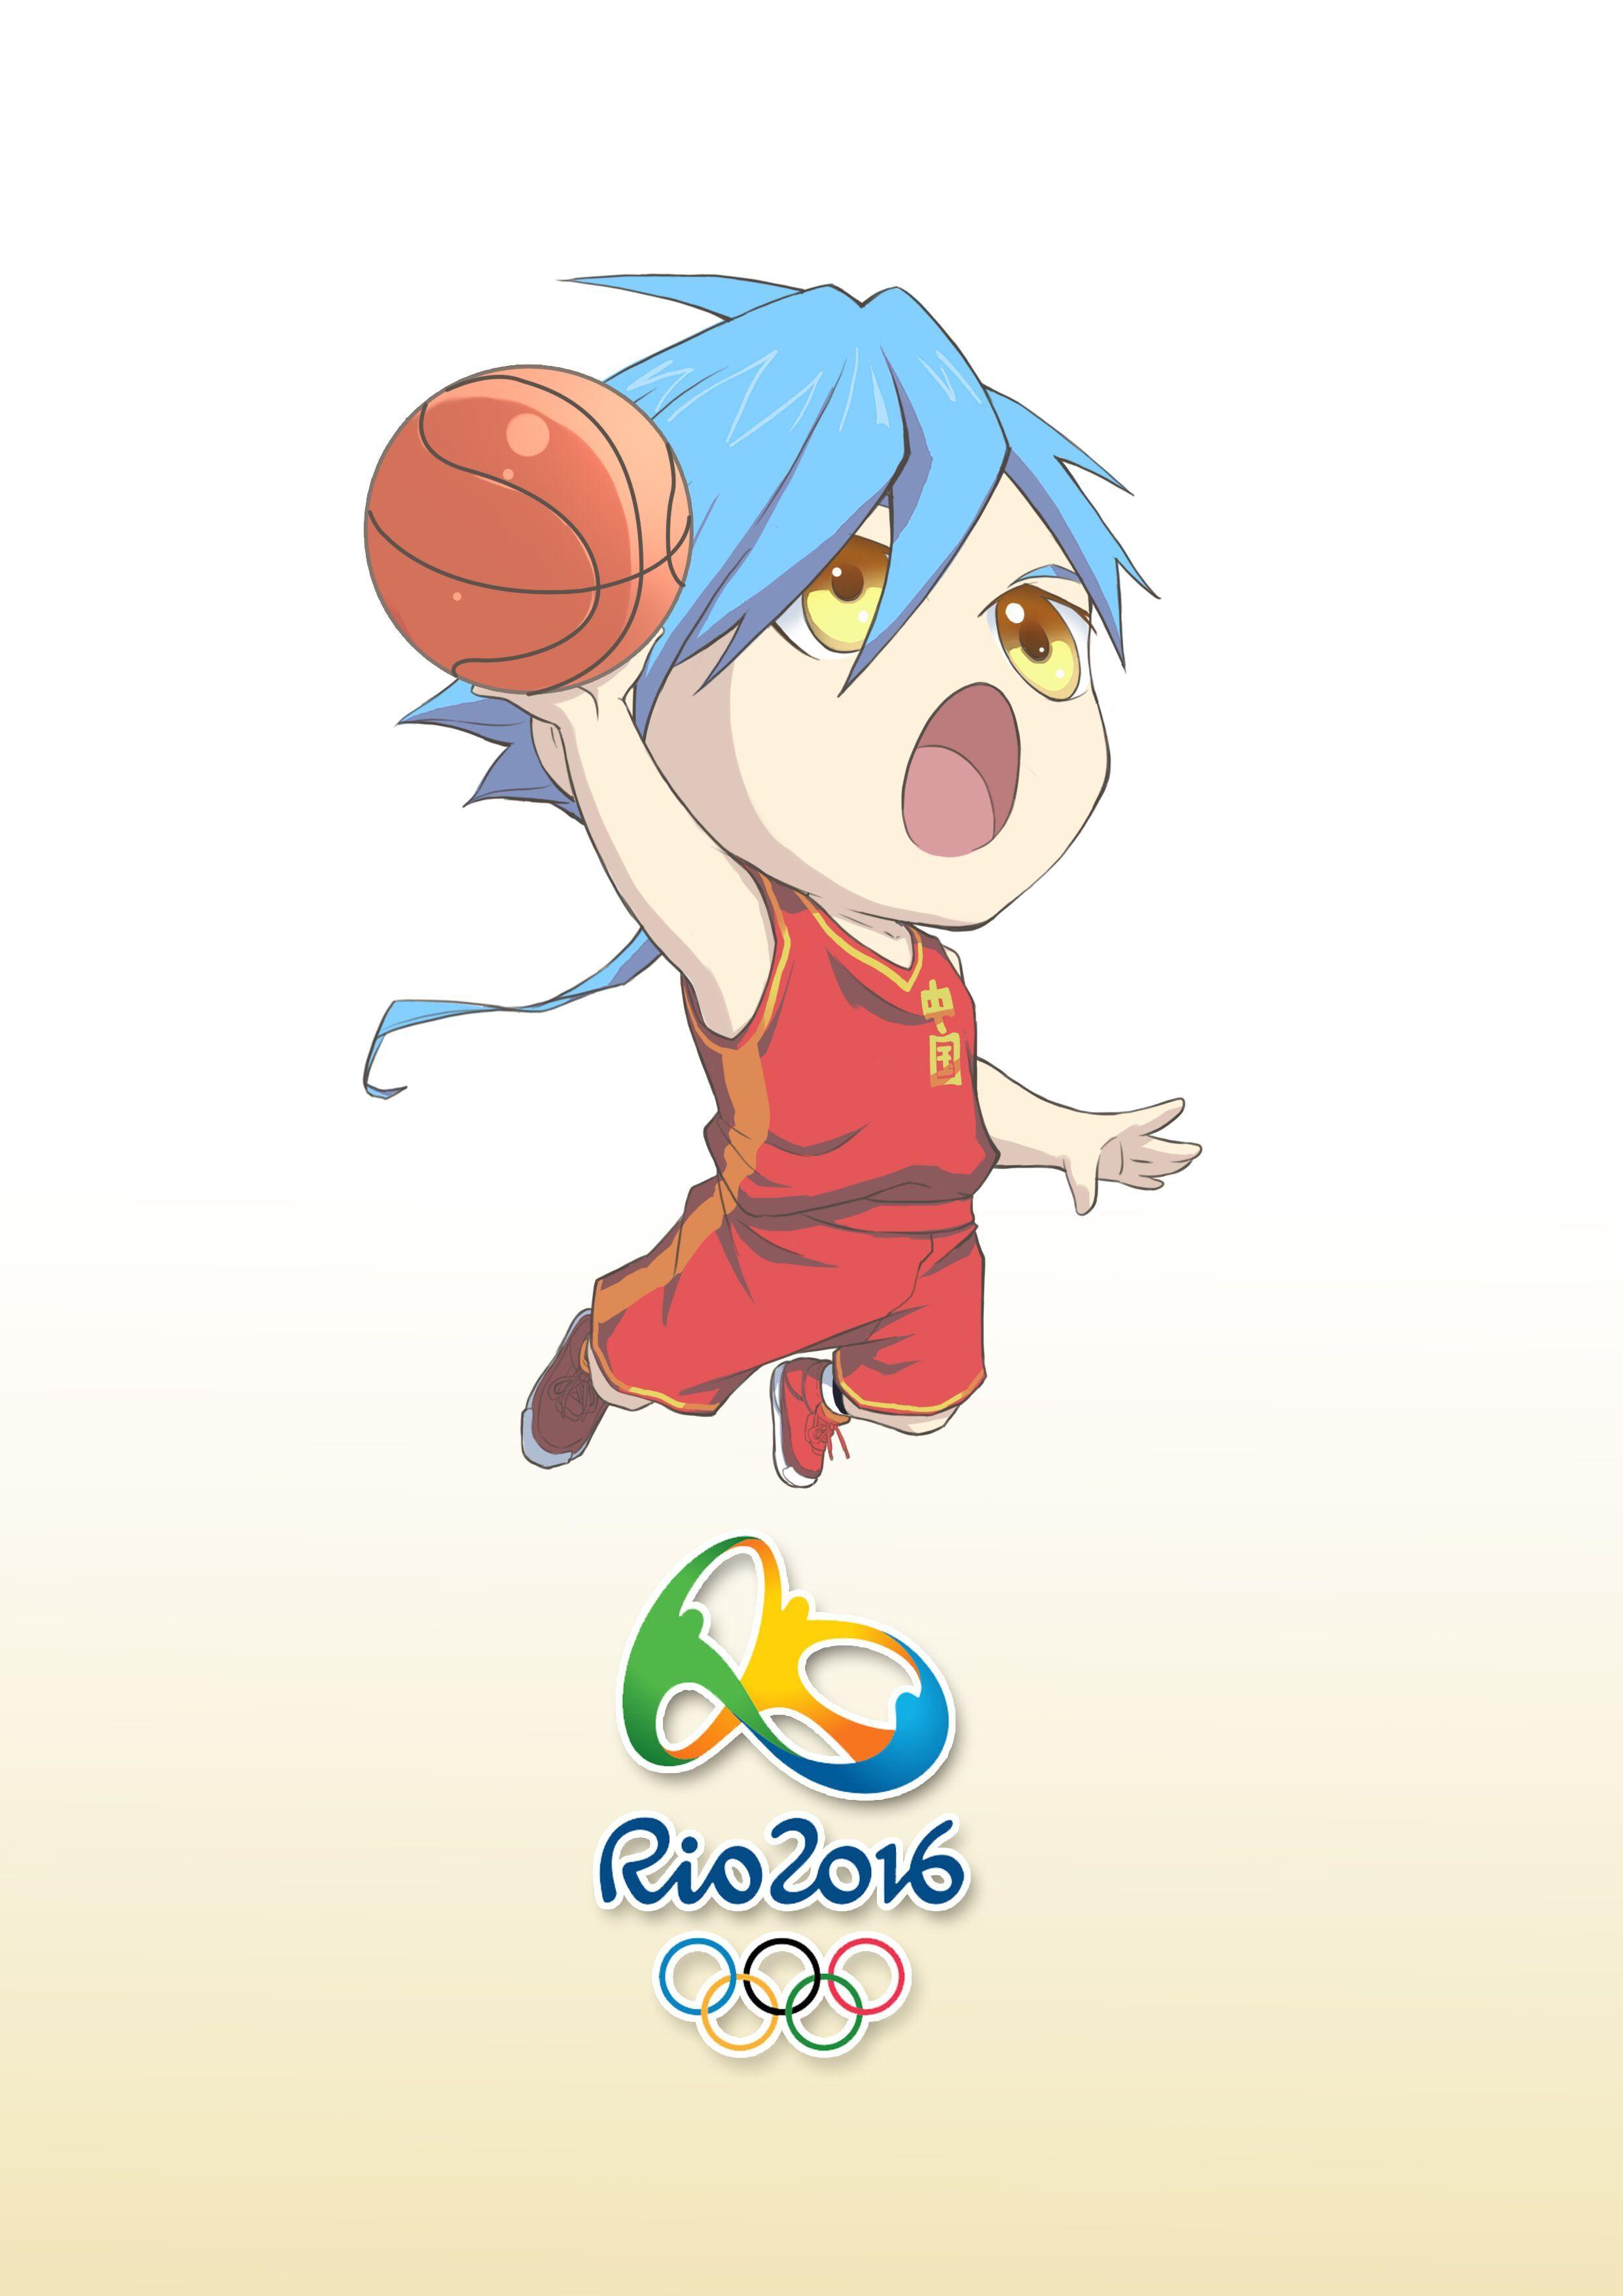 篮球漫画图片素描-素描漫画人物图片大全|男孩打篮球素描图片|漫画